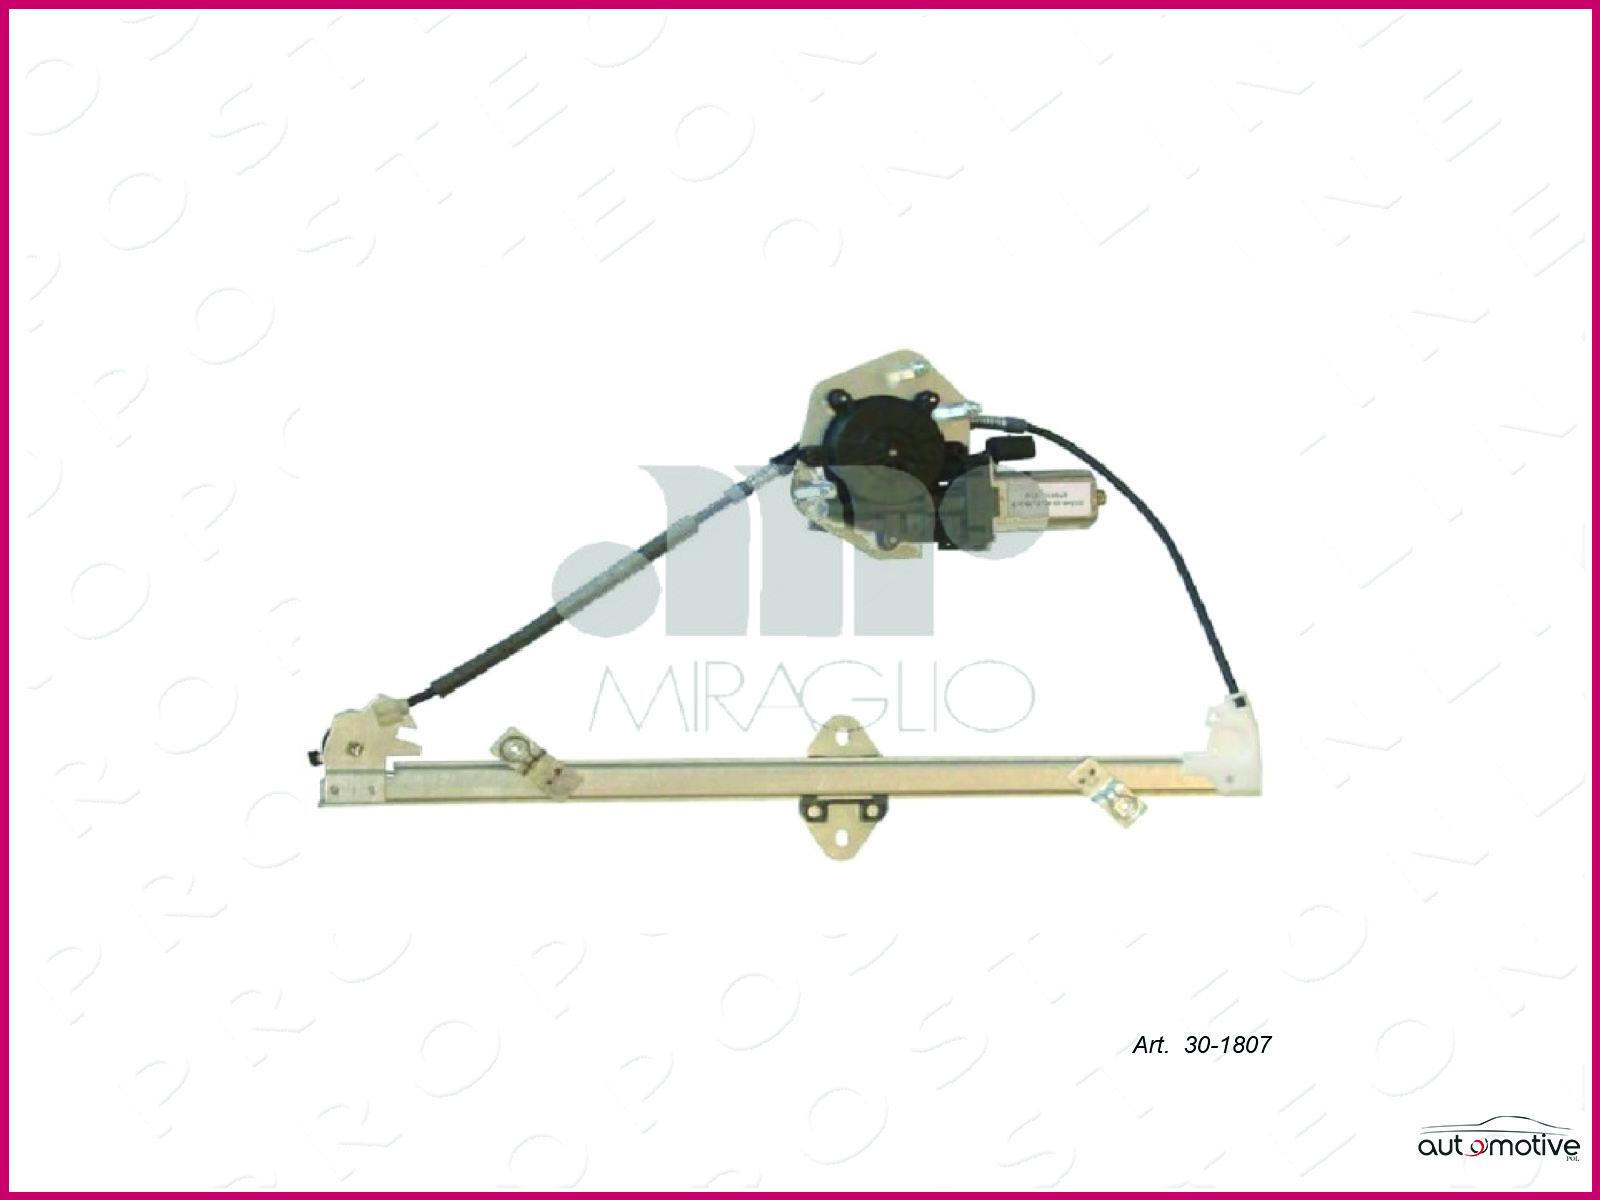 Leve-vitre-Vitres-Electriques-Electrique-Avant-Gauche-Indique-98-gt-2007-1344